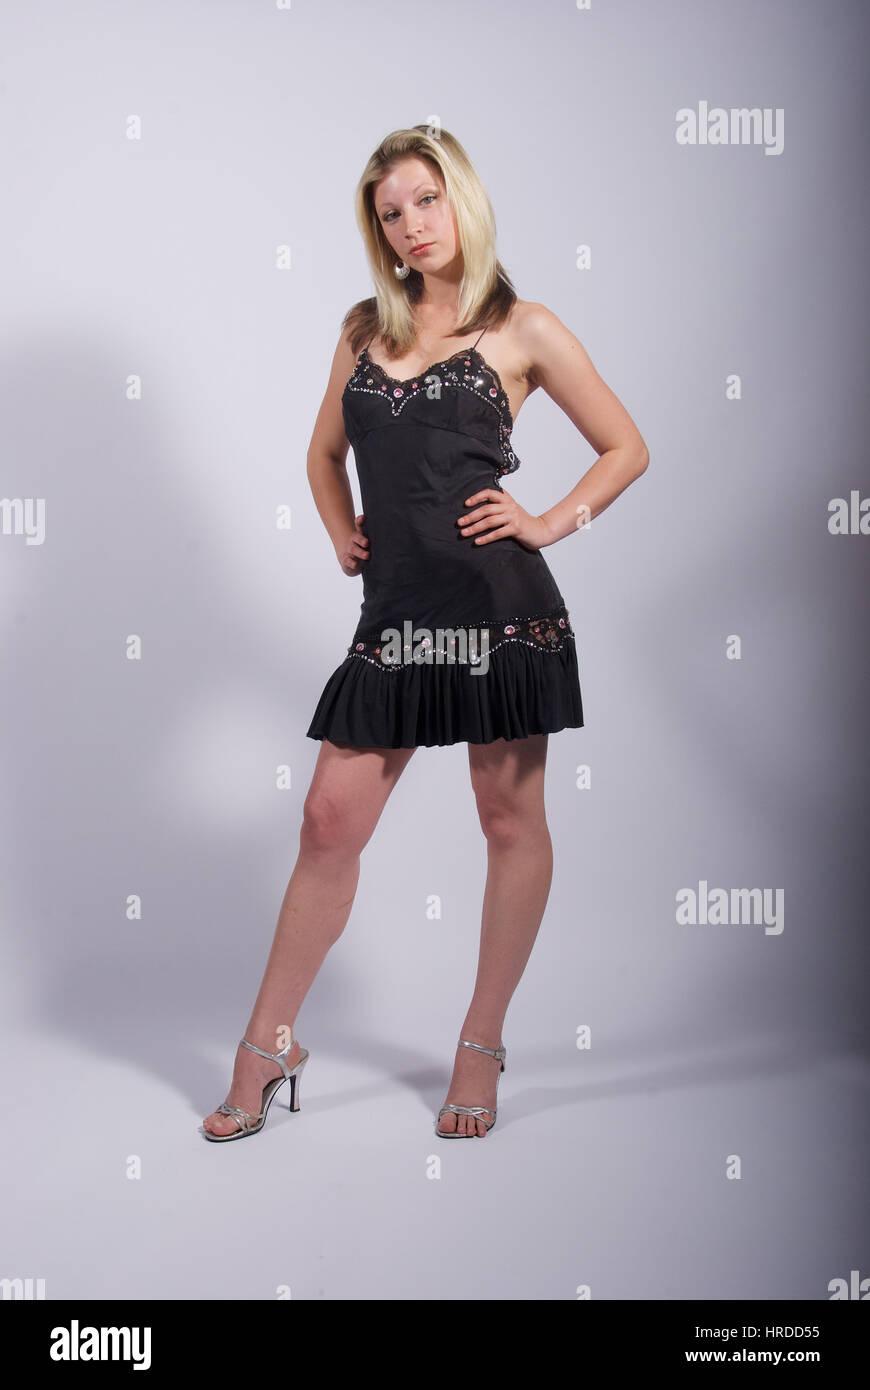 Eine Kleid Blonde Im Mini Braune High Trägt Junge Frau Und Heels Jc31u5FKTl